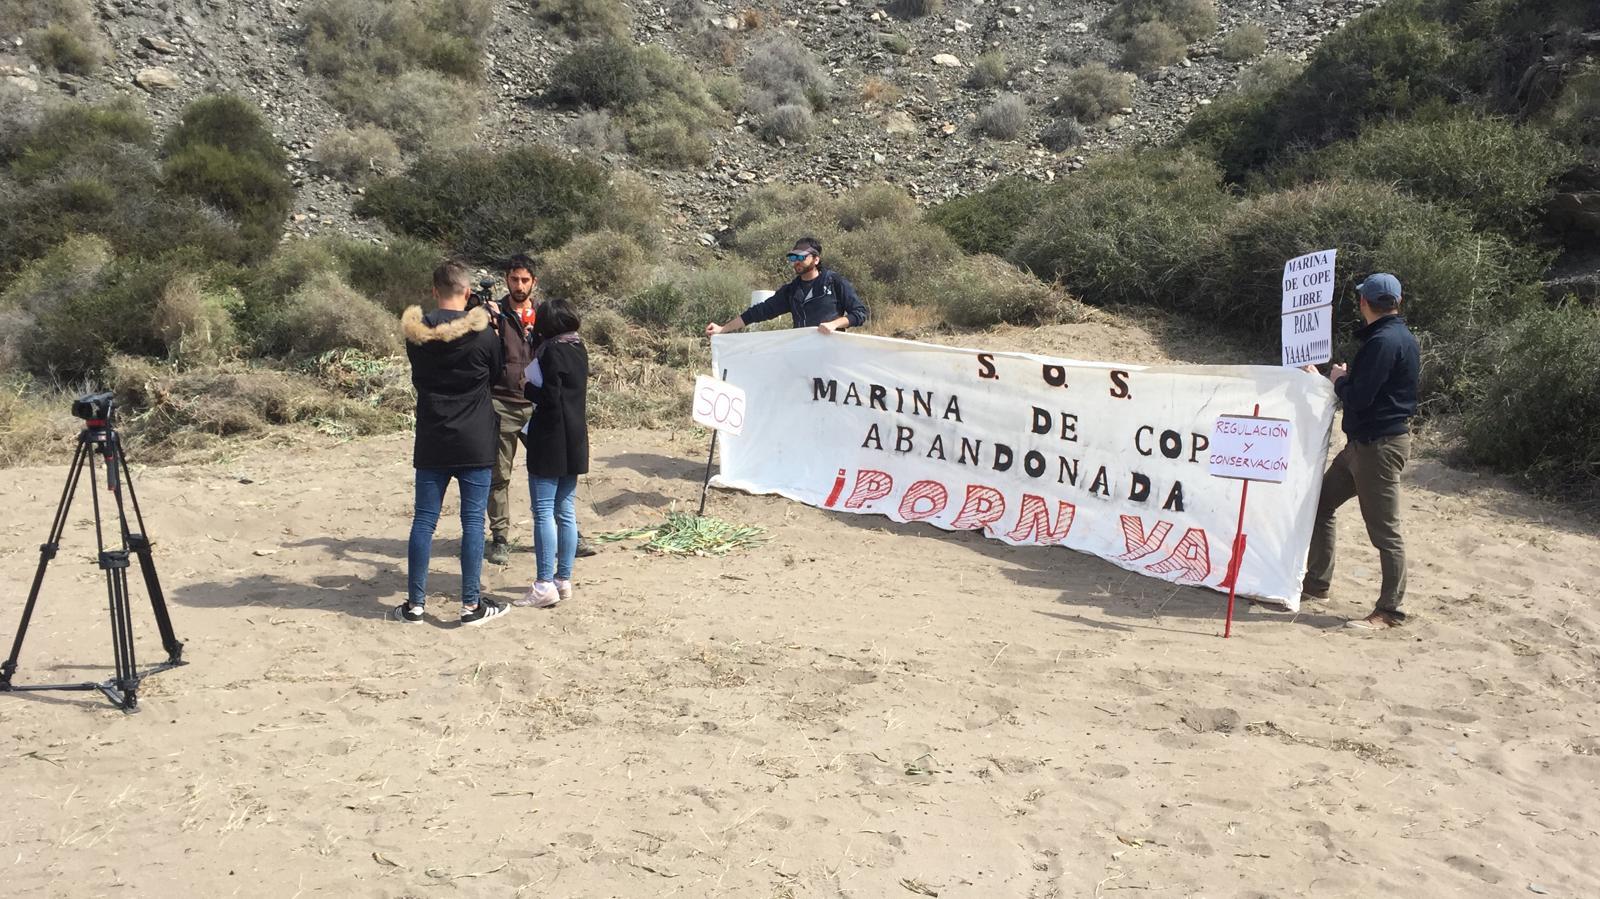 Miembros de Naturactúa y Ecologistas en Acción han desplegado una pancarta en la zona, como acto de protesta y condena a estos hechos. Imagen: Naturactúa